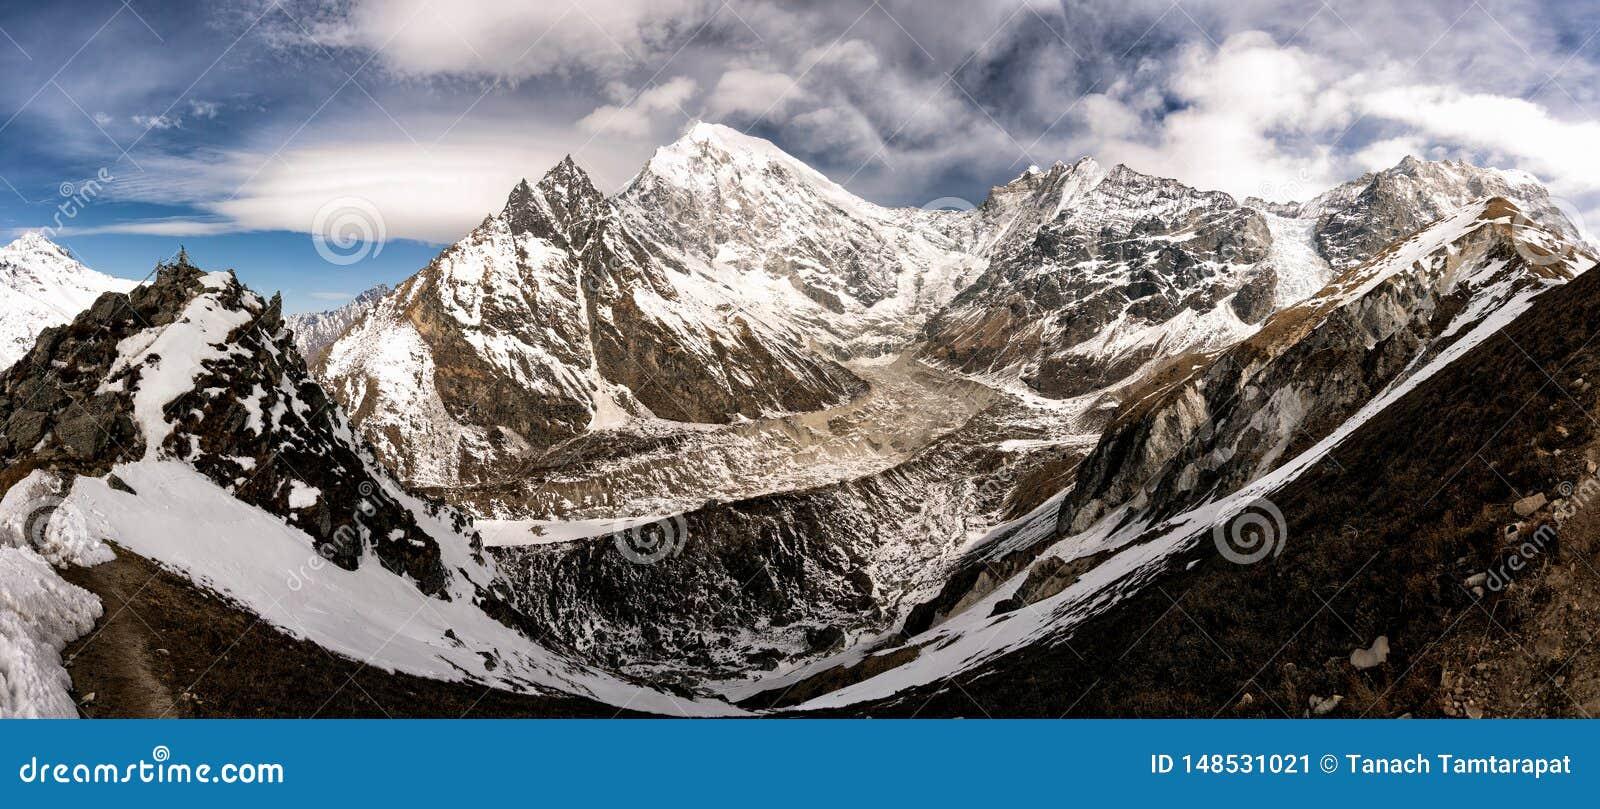 Longtang mountain top view